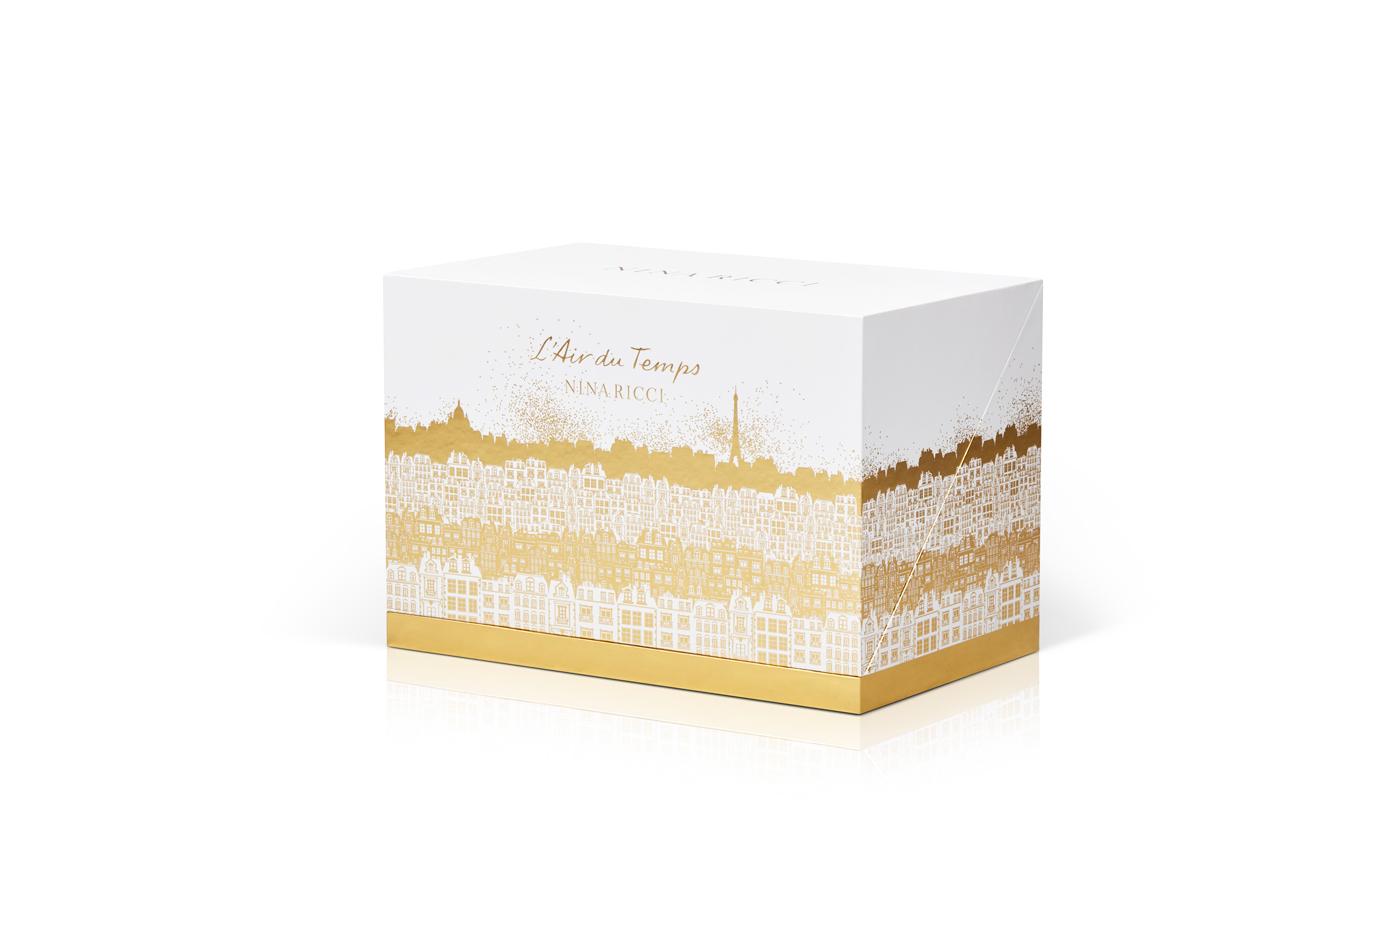 Nina Ricci Activation - Un design pensé par l'agence de design de Paris Partisan du Sens.